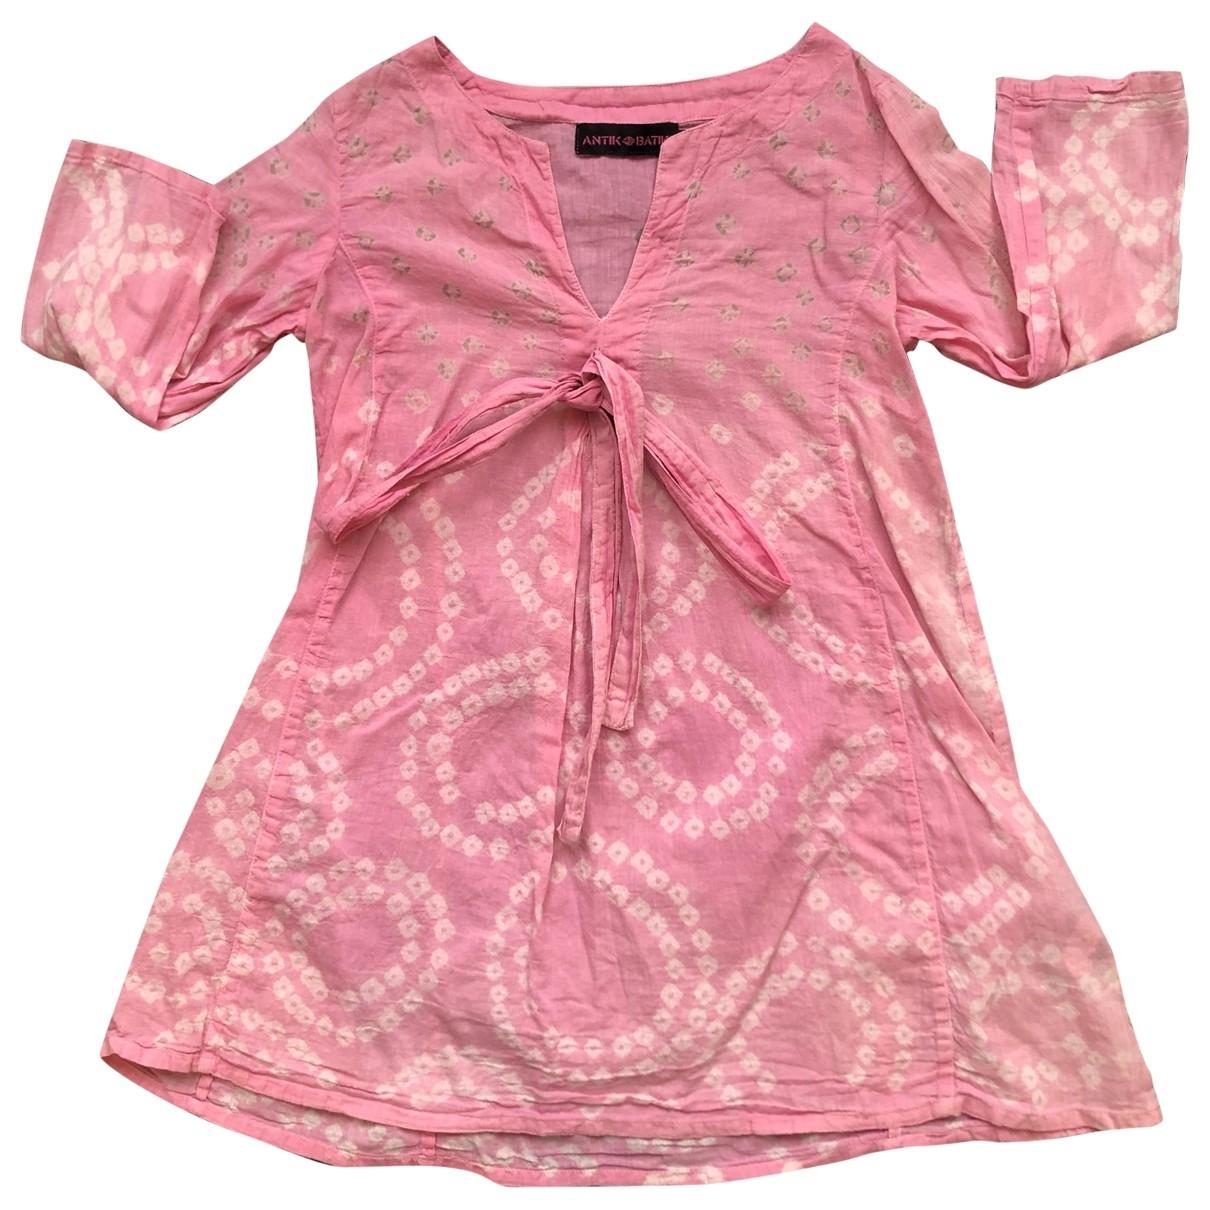 Antik Batik \N Kleid in  Rosa Baumwolle